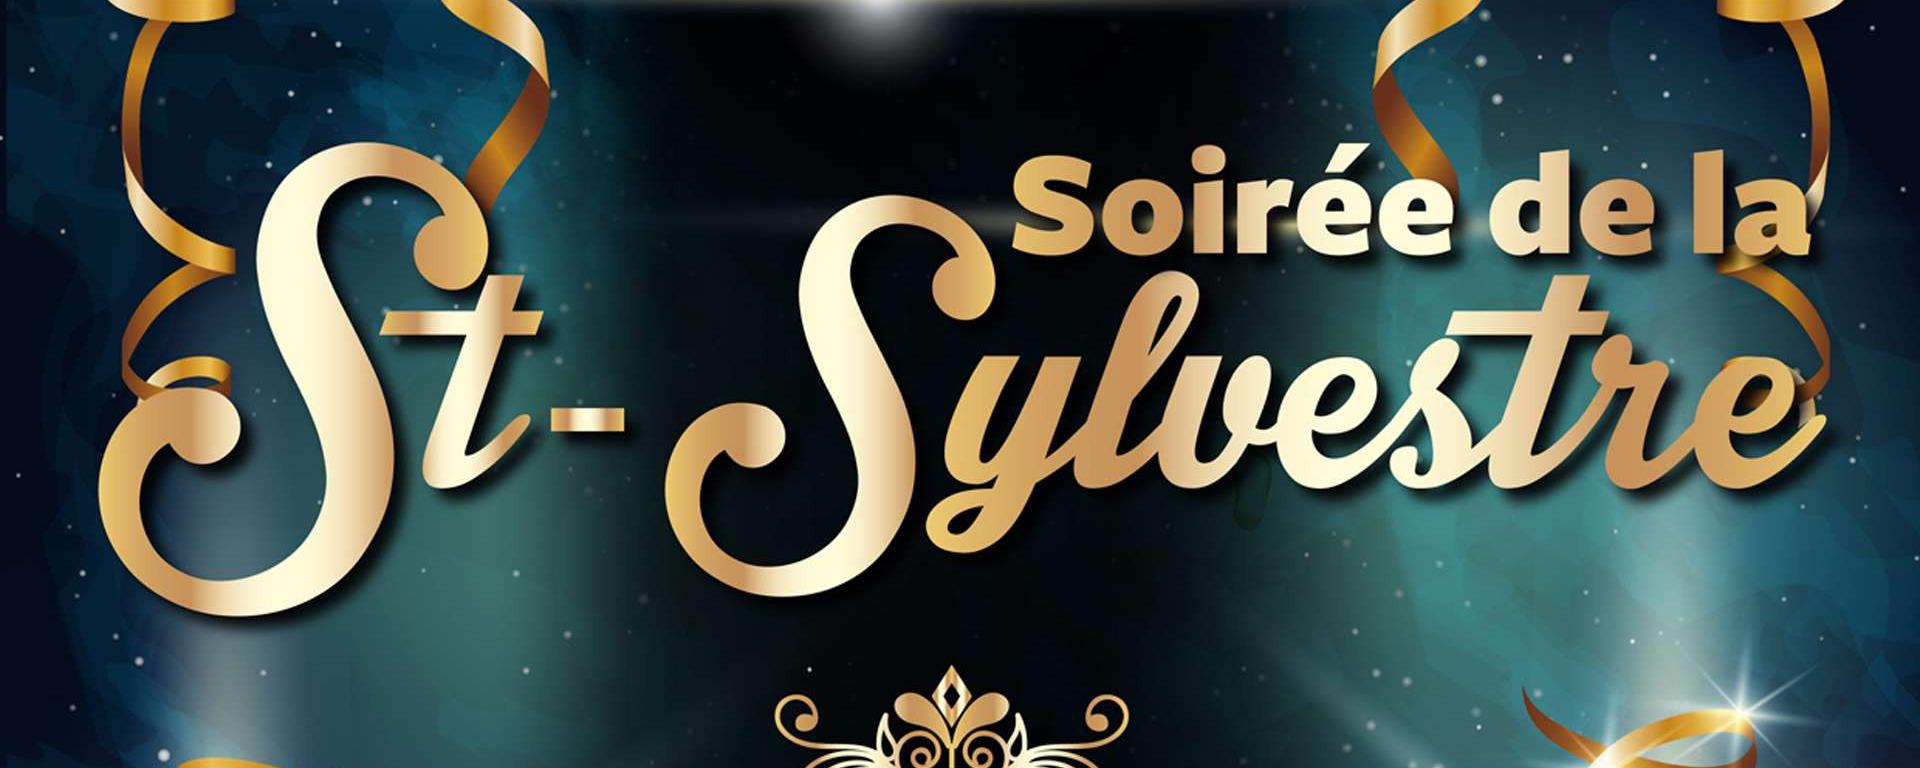 """Résultat de recherche d'images pour """"logo soiree st sylvestre"""""""